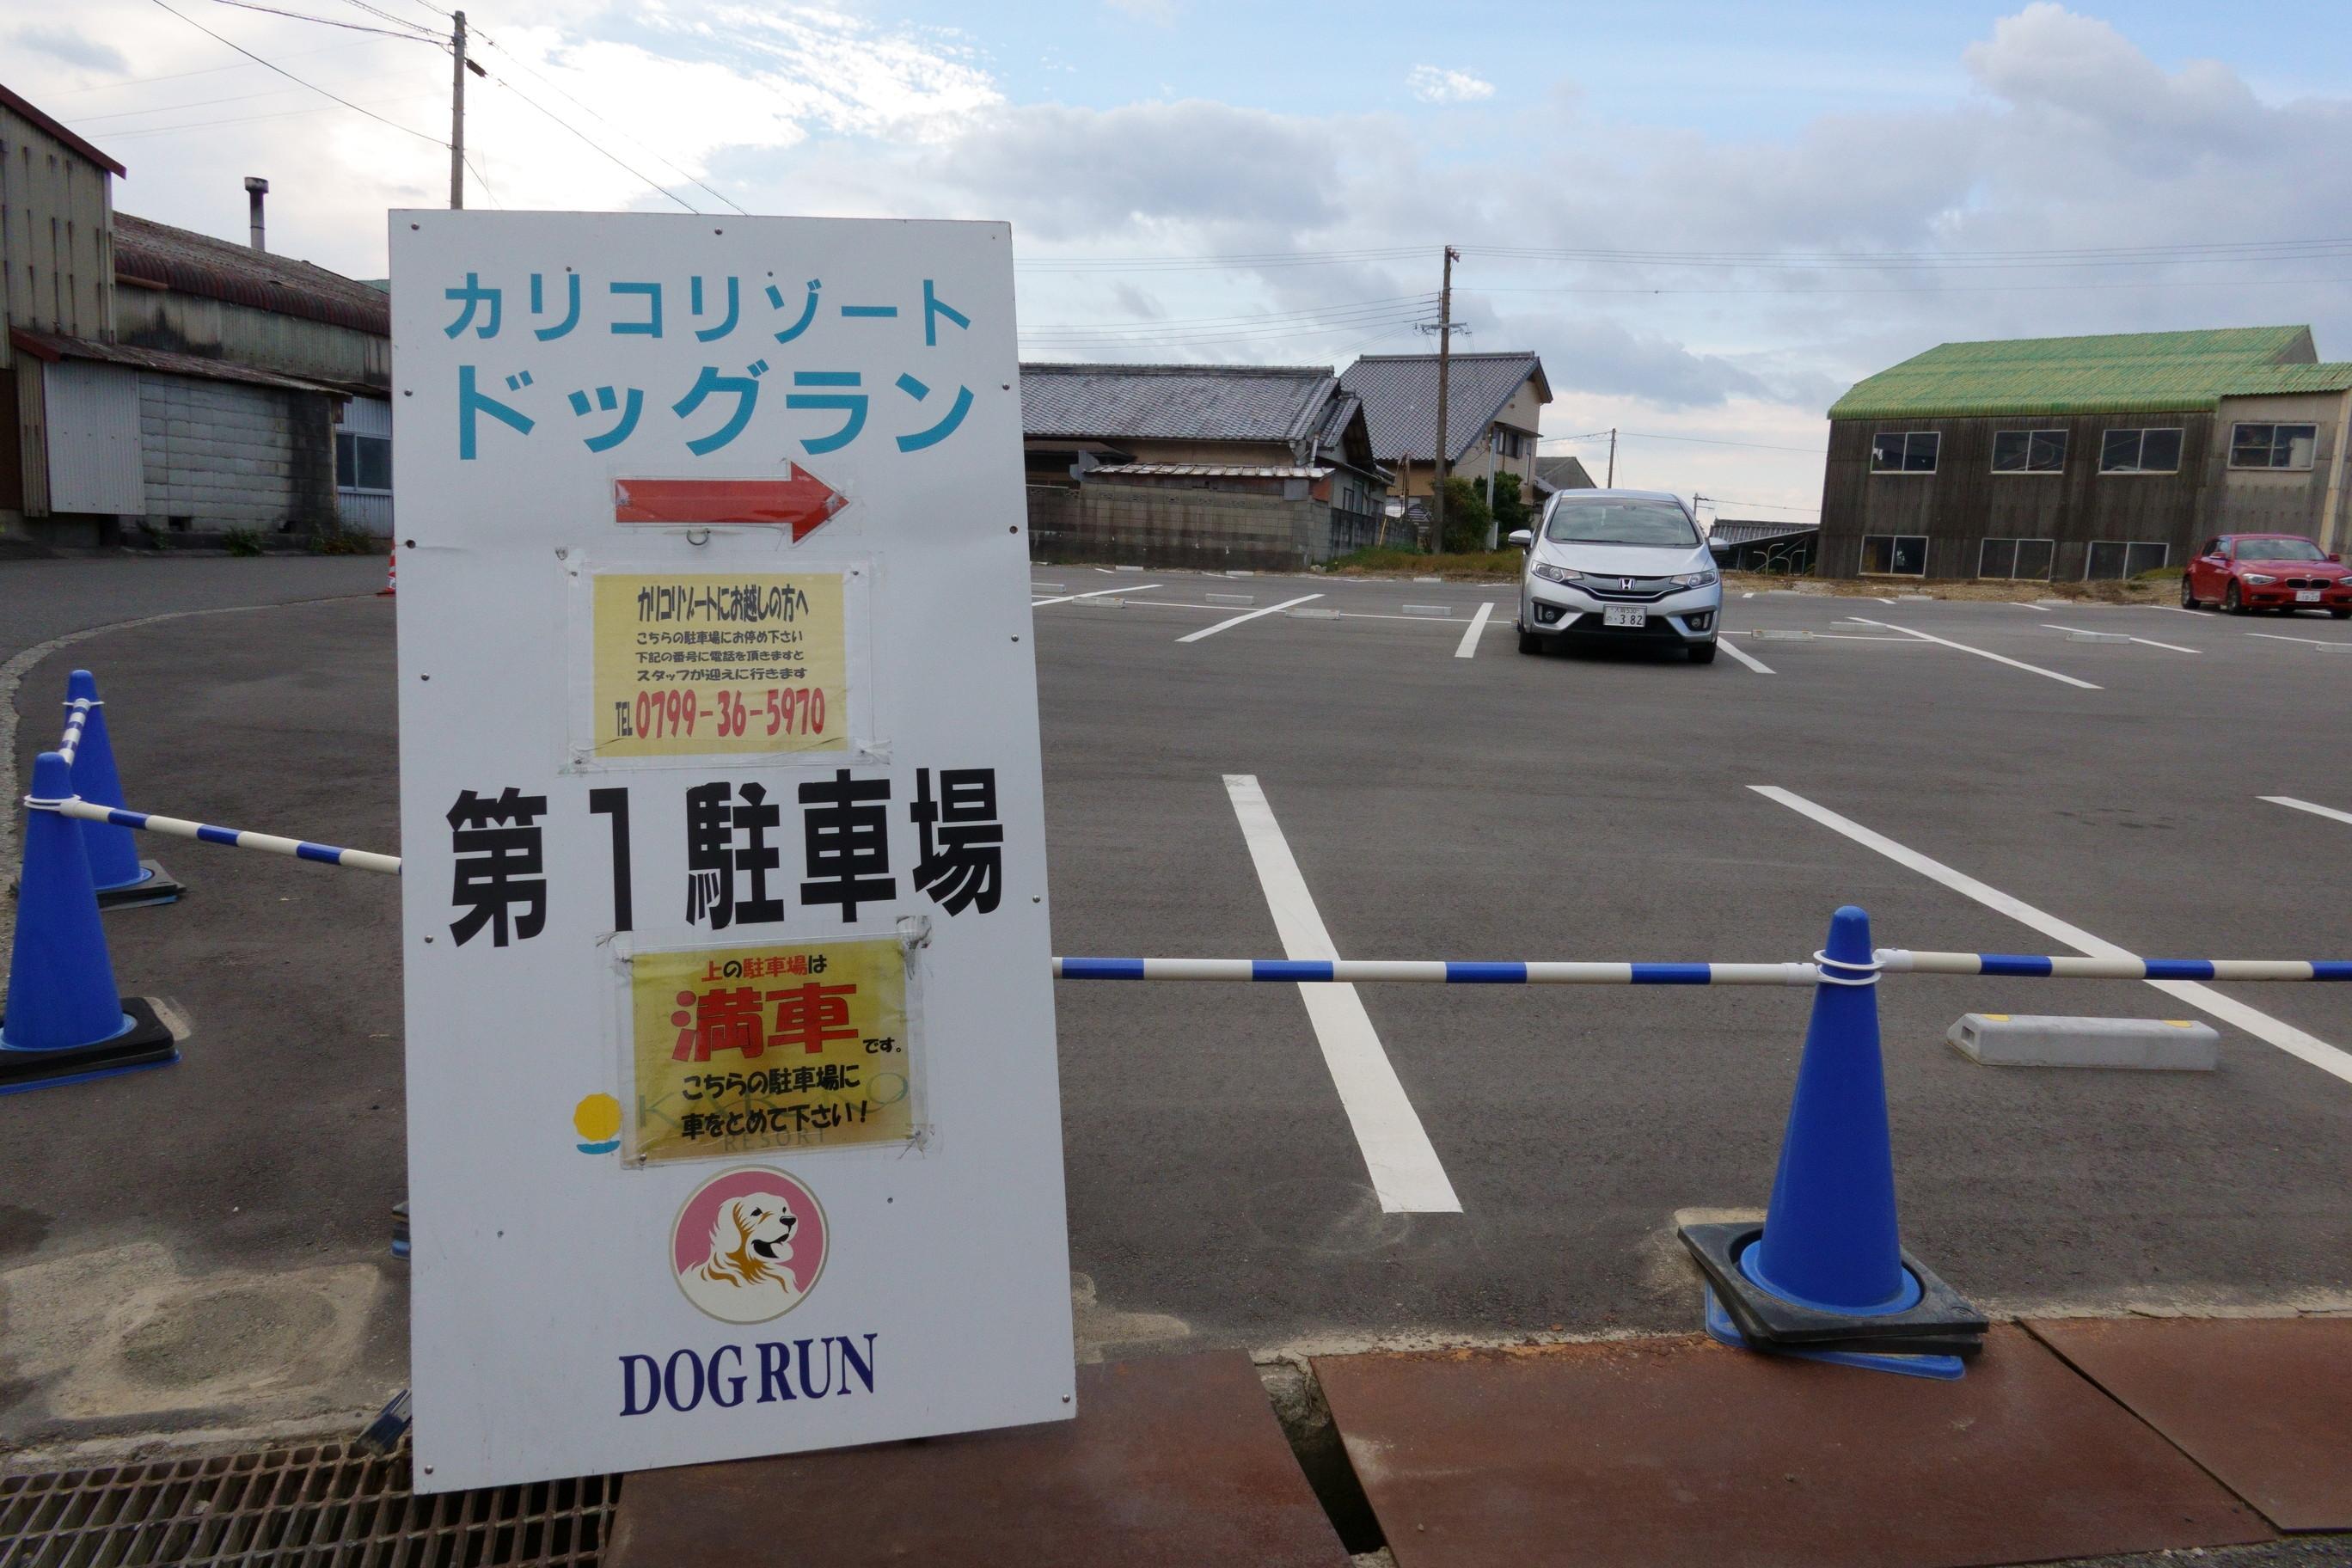 ドッグラン カリコ リゾート